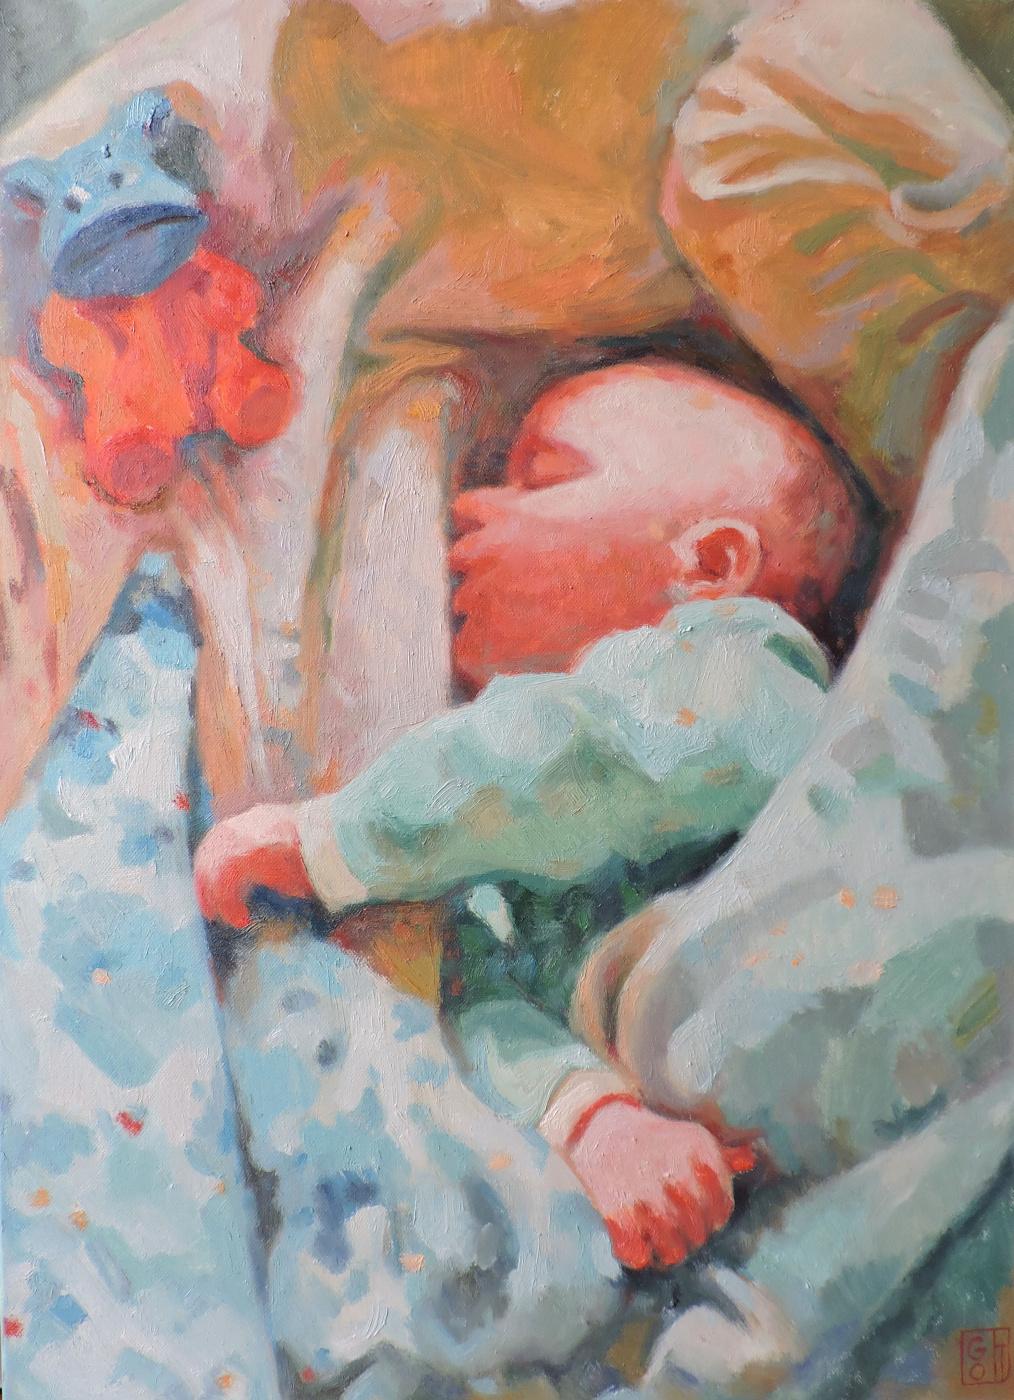 Olga Olegovna Gordienok. Sleep